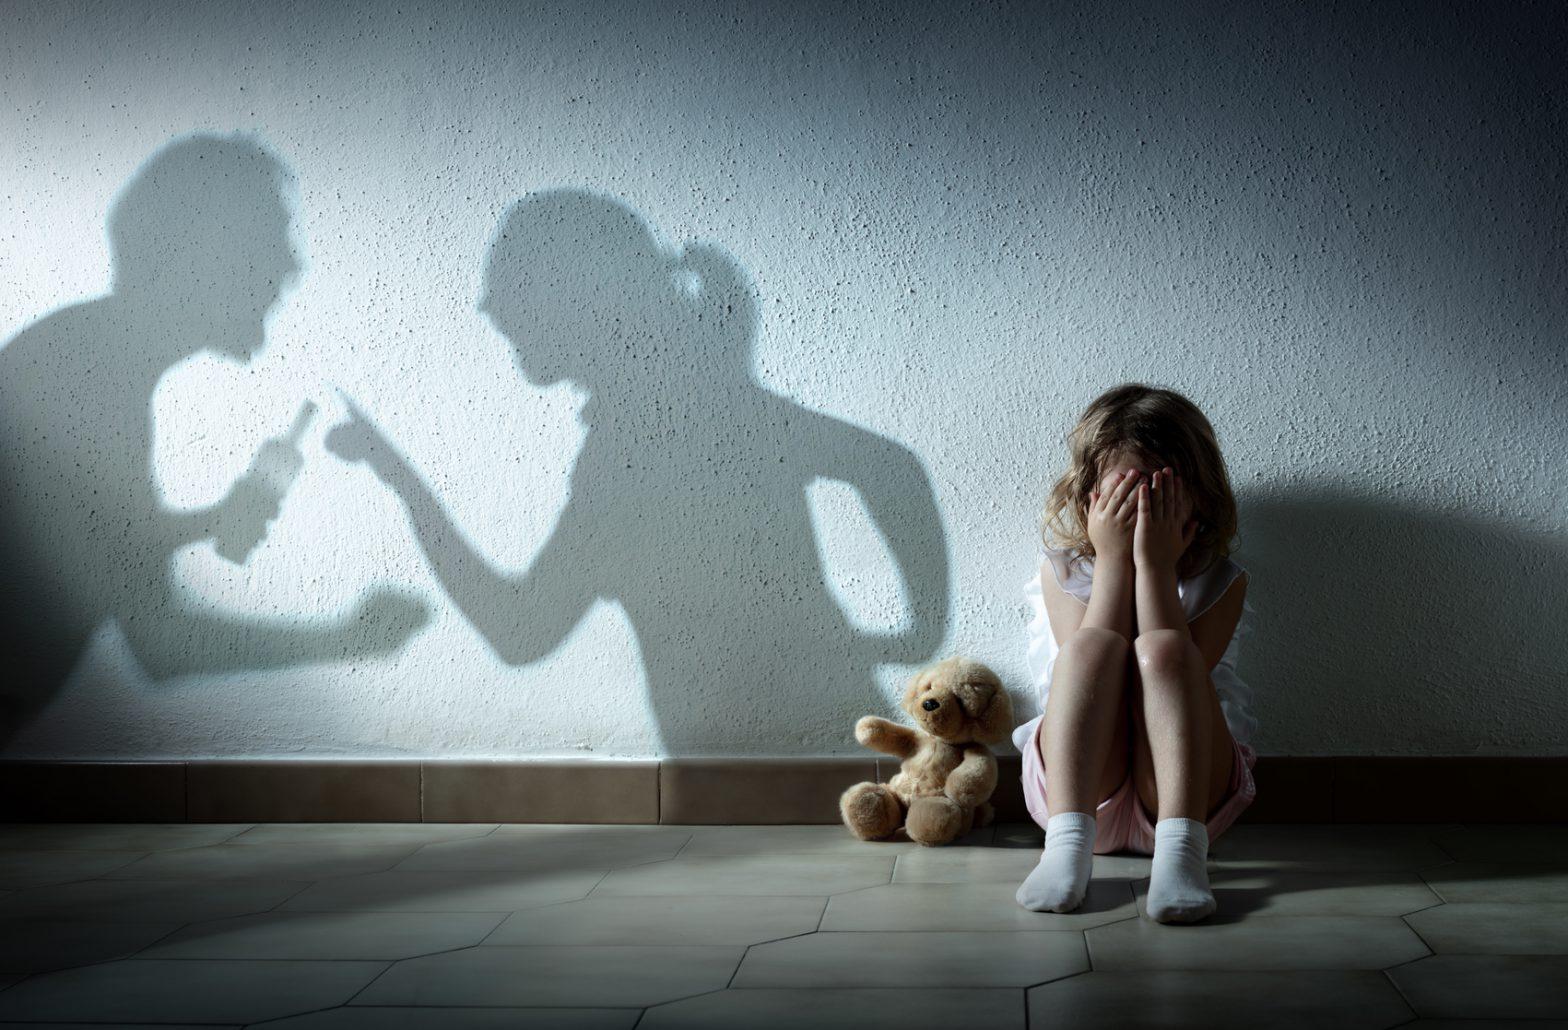 Przemoc w rodzinie. Tyranizowanie